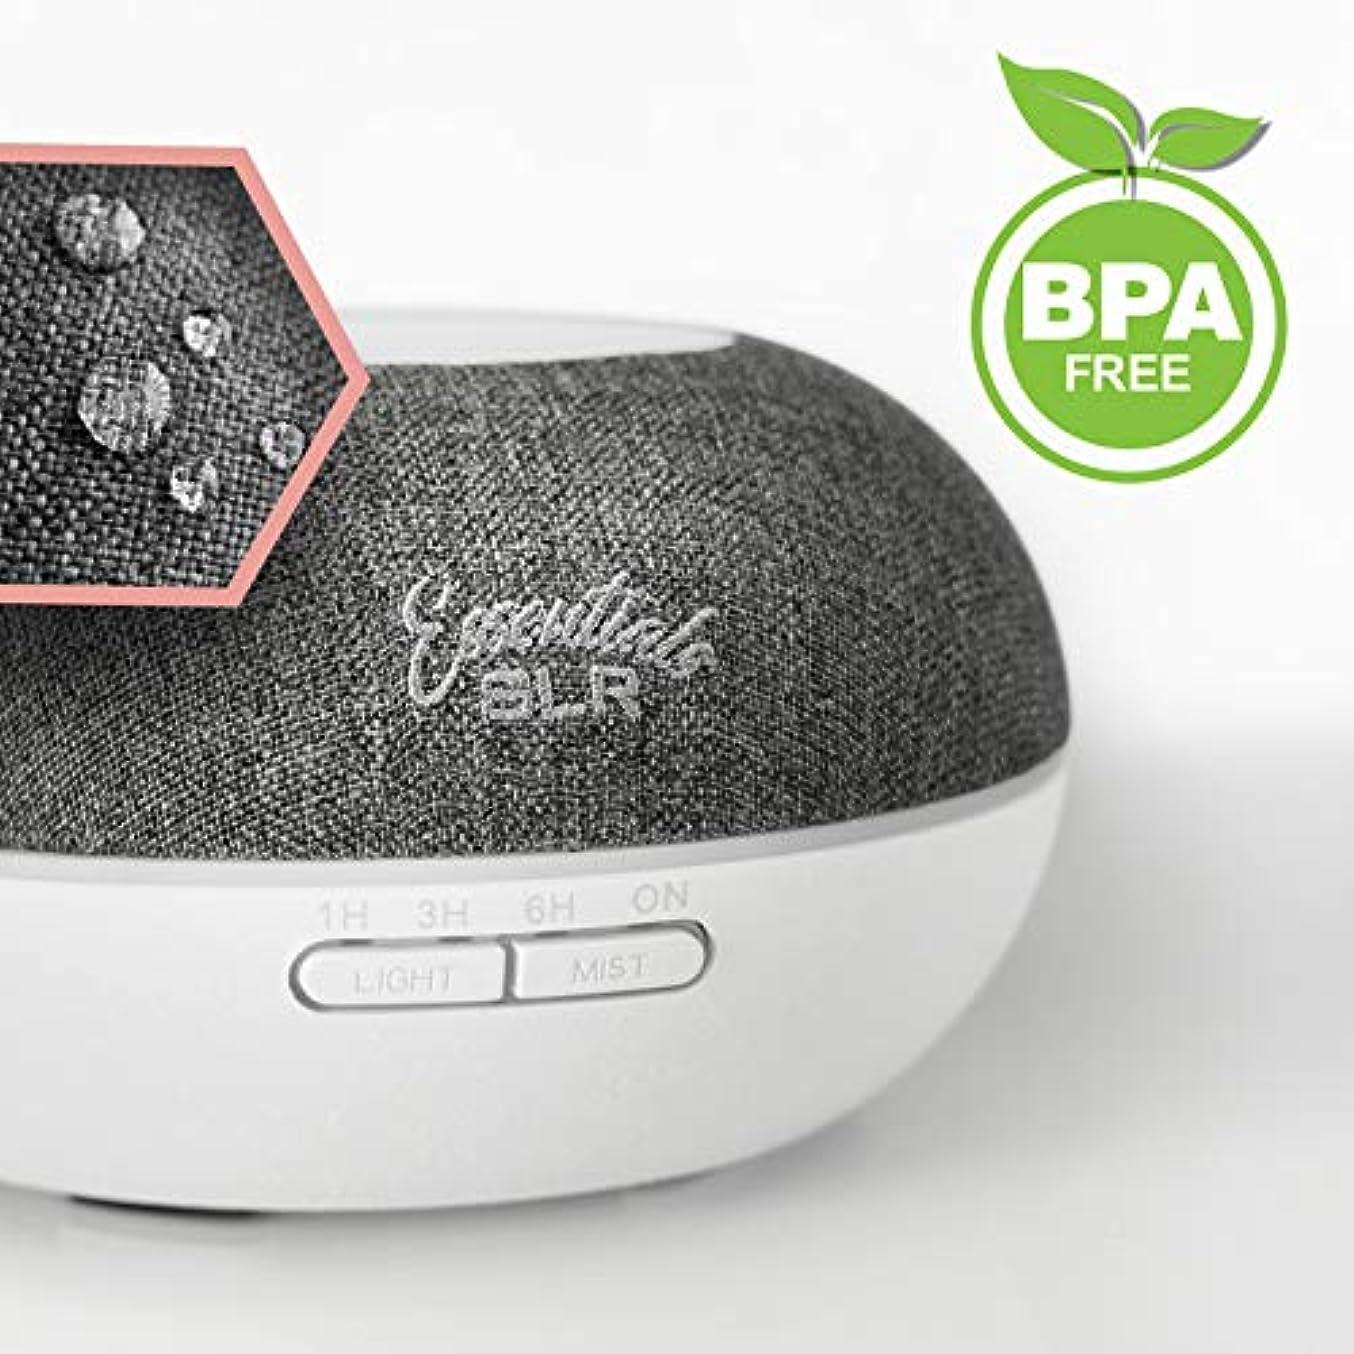 神のアルファベット順プランテーションSLR 500 ml Aromatherapy Essential Oil Large Diffuser BPAフリー超音波空気加湿器withマルチカラー変更LED、自動遮断 500ml SLR:900-00055